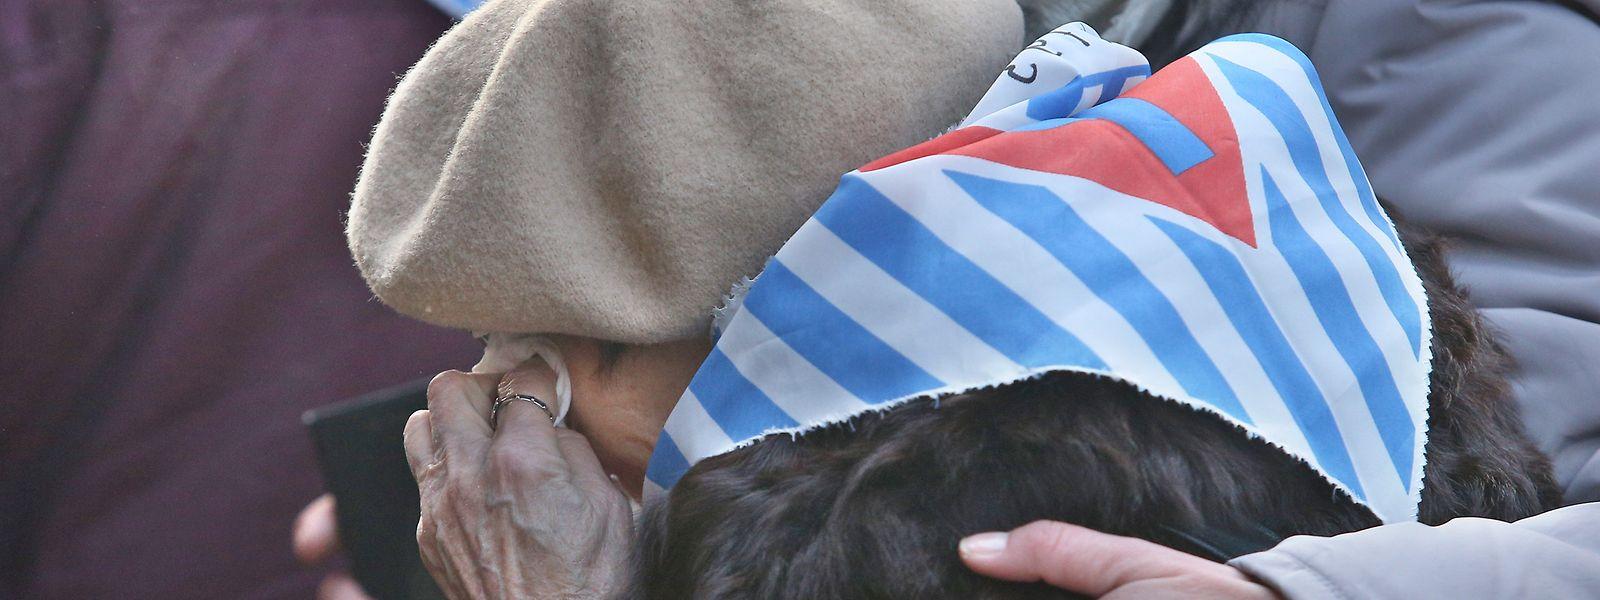 Eine Überlebende wird während der Gedenkfeier zum 75. Jahrestag der Befreiung des ehemaligen deutschen Konzentrationslagers Auschwitz getröstet.